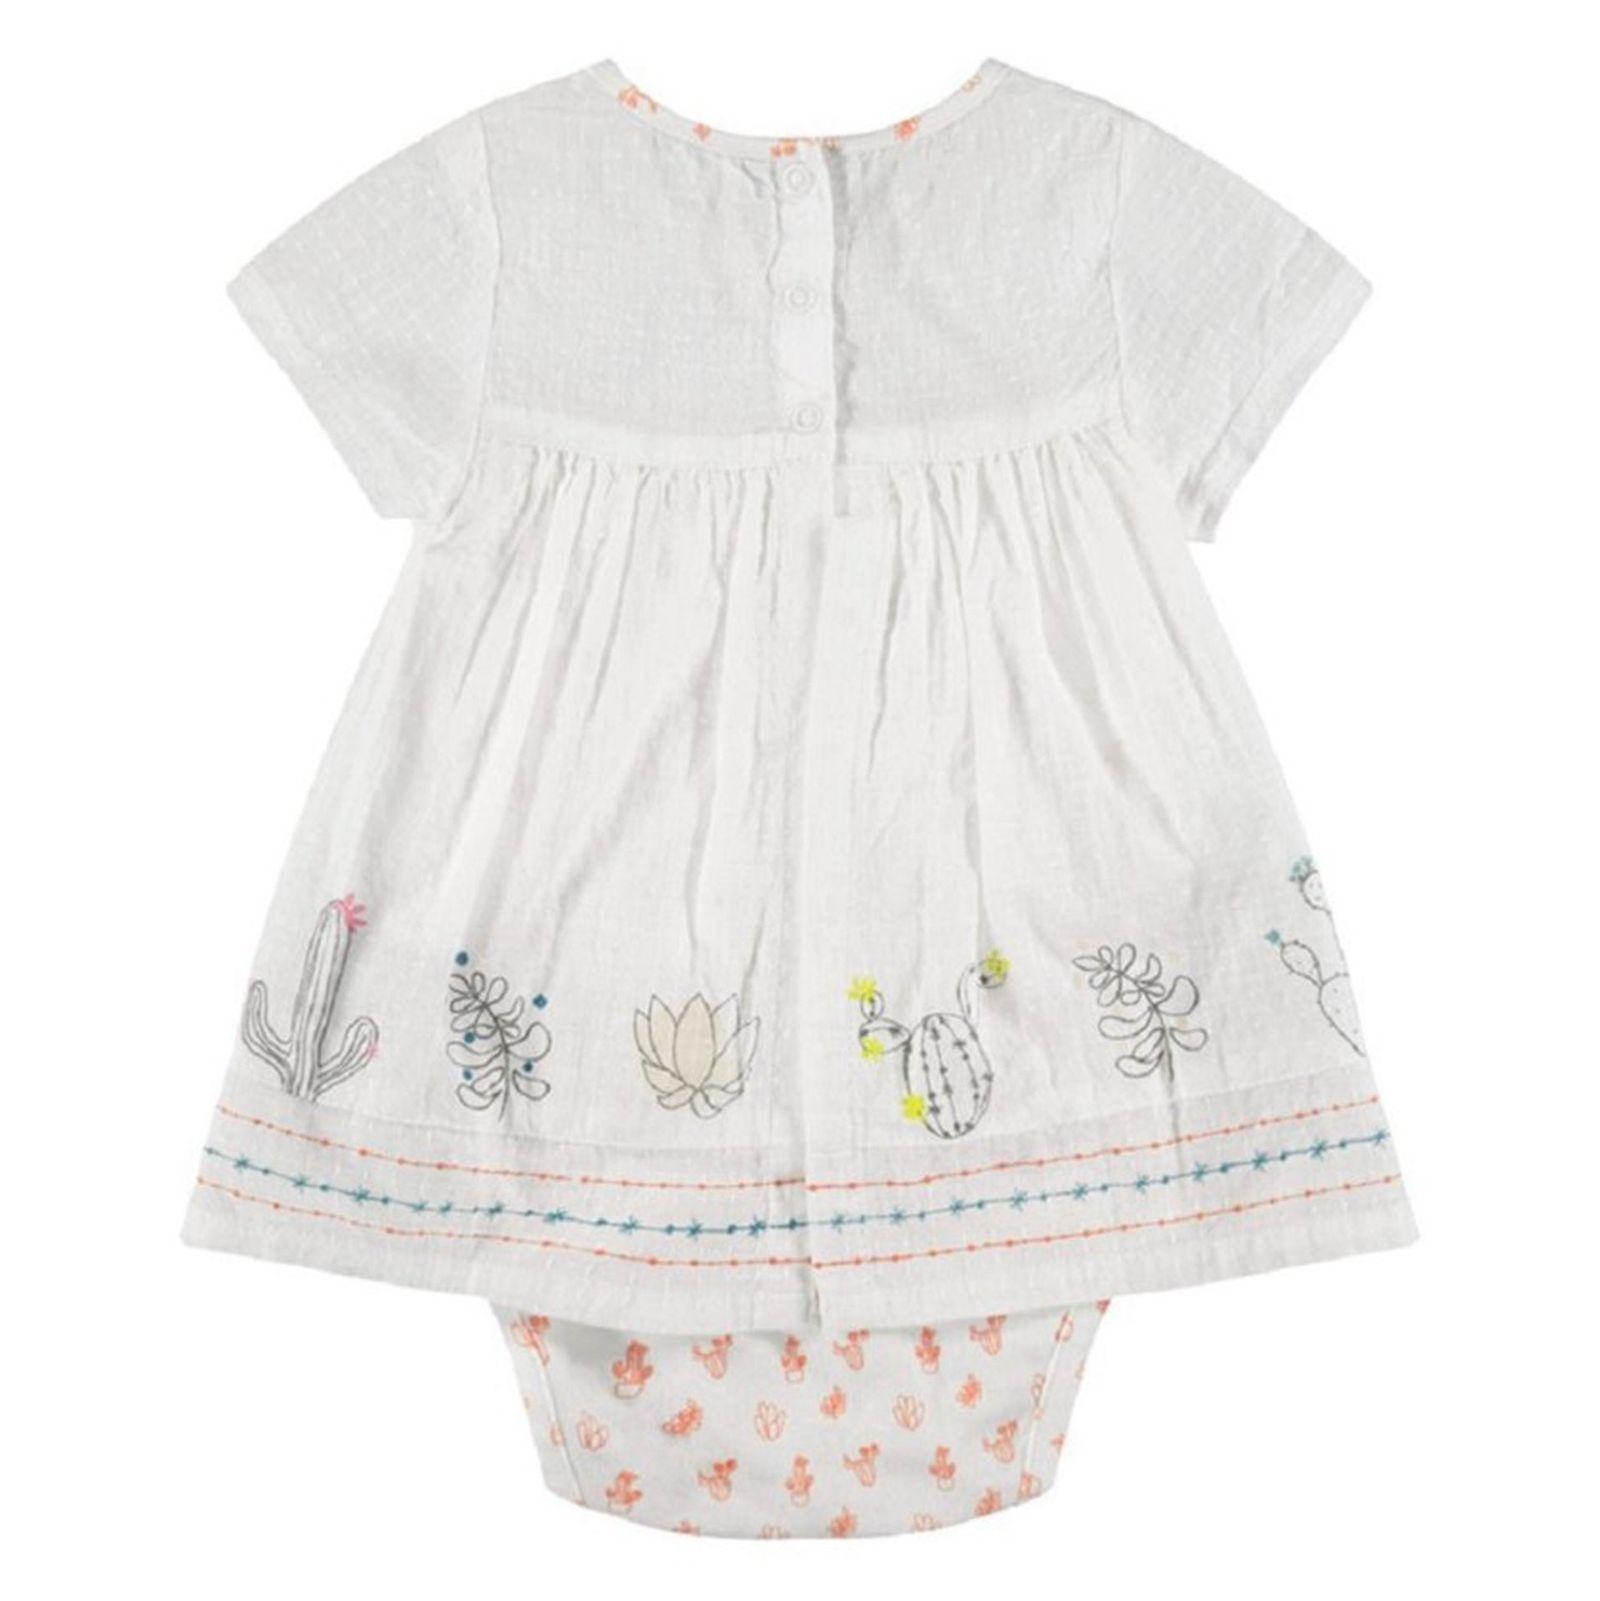 پیراهن و شورت نوزادی دخترانه - ارکسترا - سفید - 2